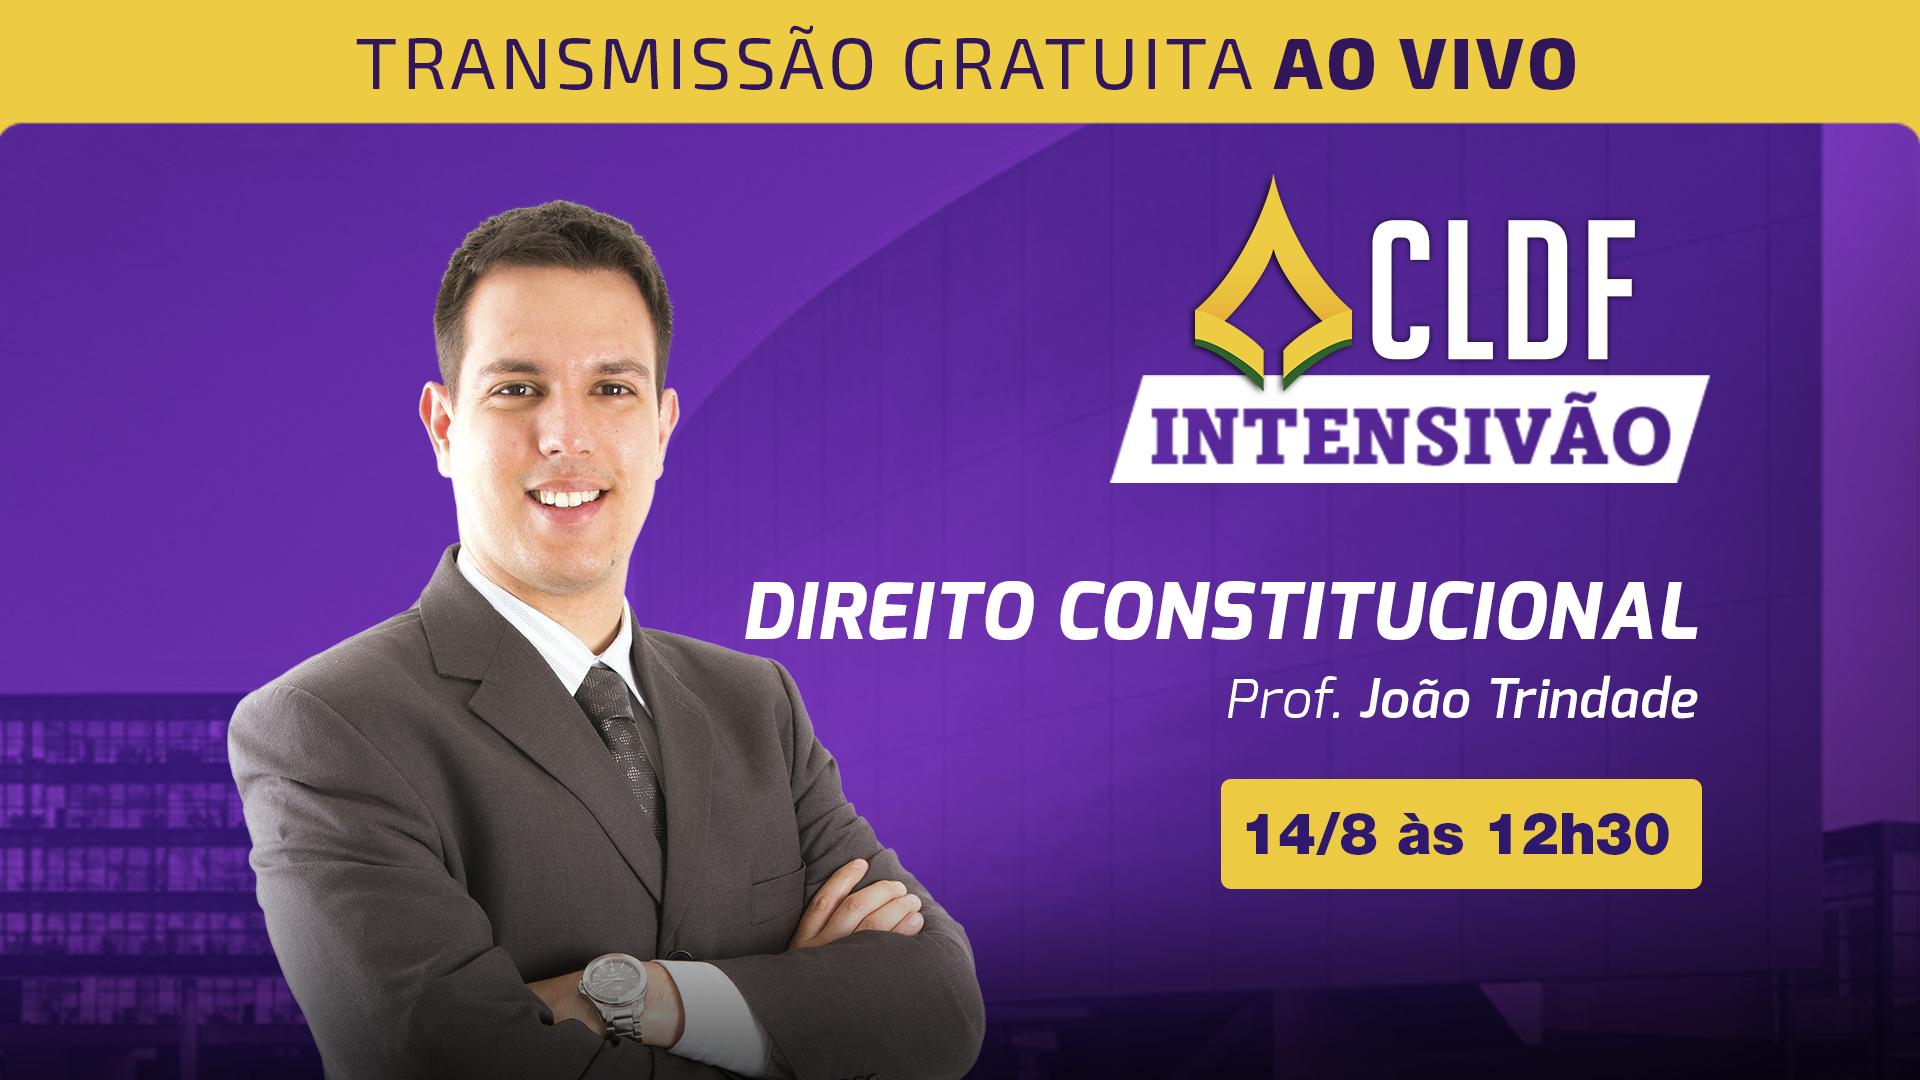 Intensivão CLDF - Direito Constitucional